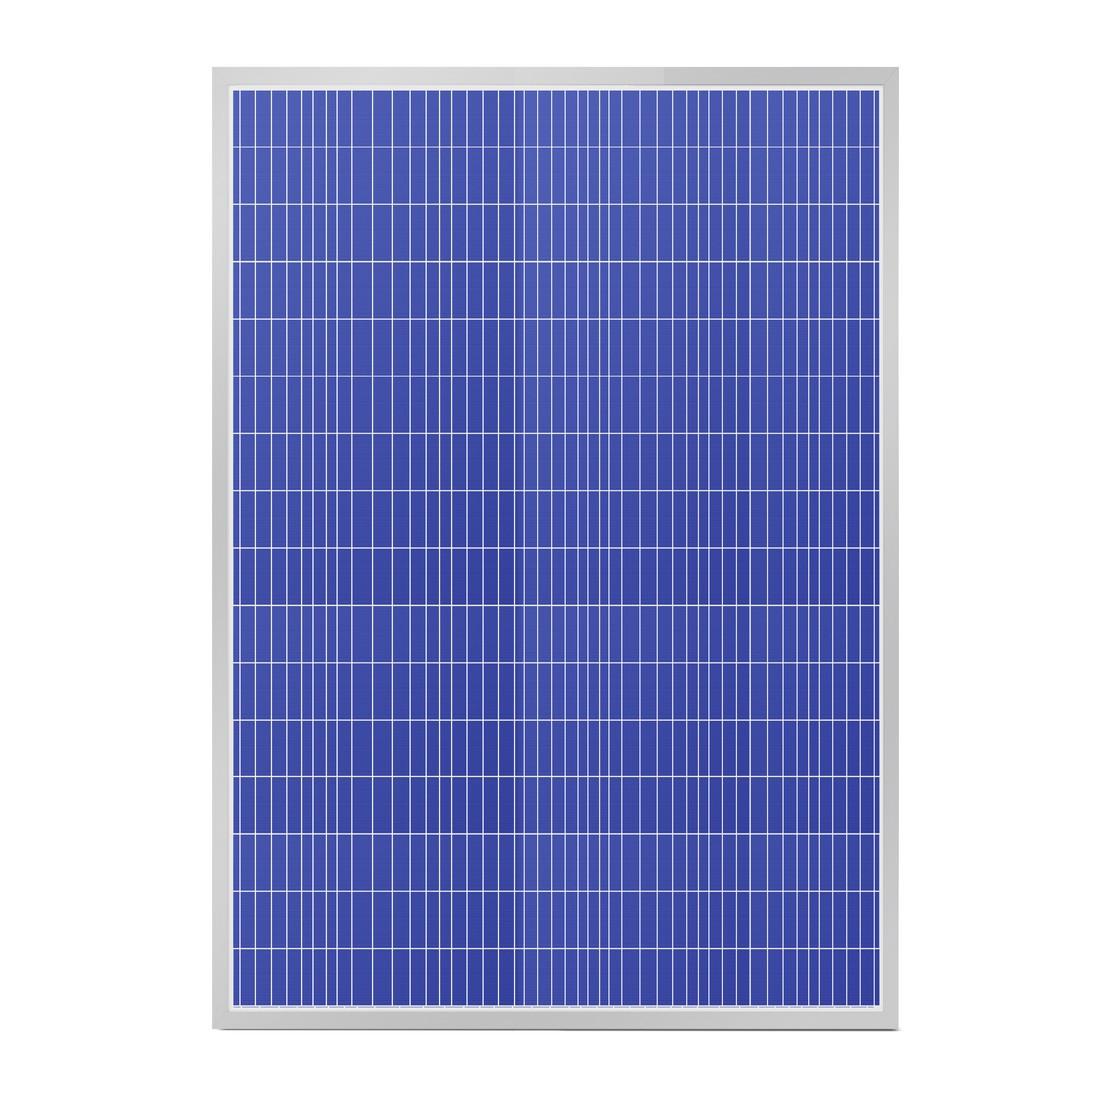 Солнечная панель SVC P-300 Мощность: 300Вт Напряжение: 24В Тип: поликристалическая Класс: 1 класс Рабочая температура: -40С+85С Защита: IP65.